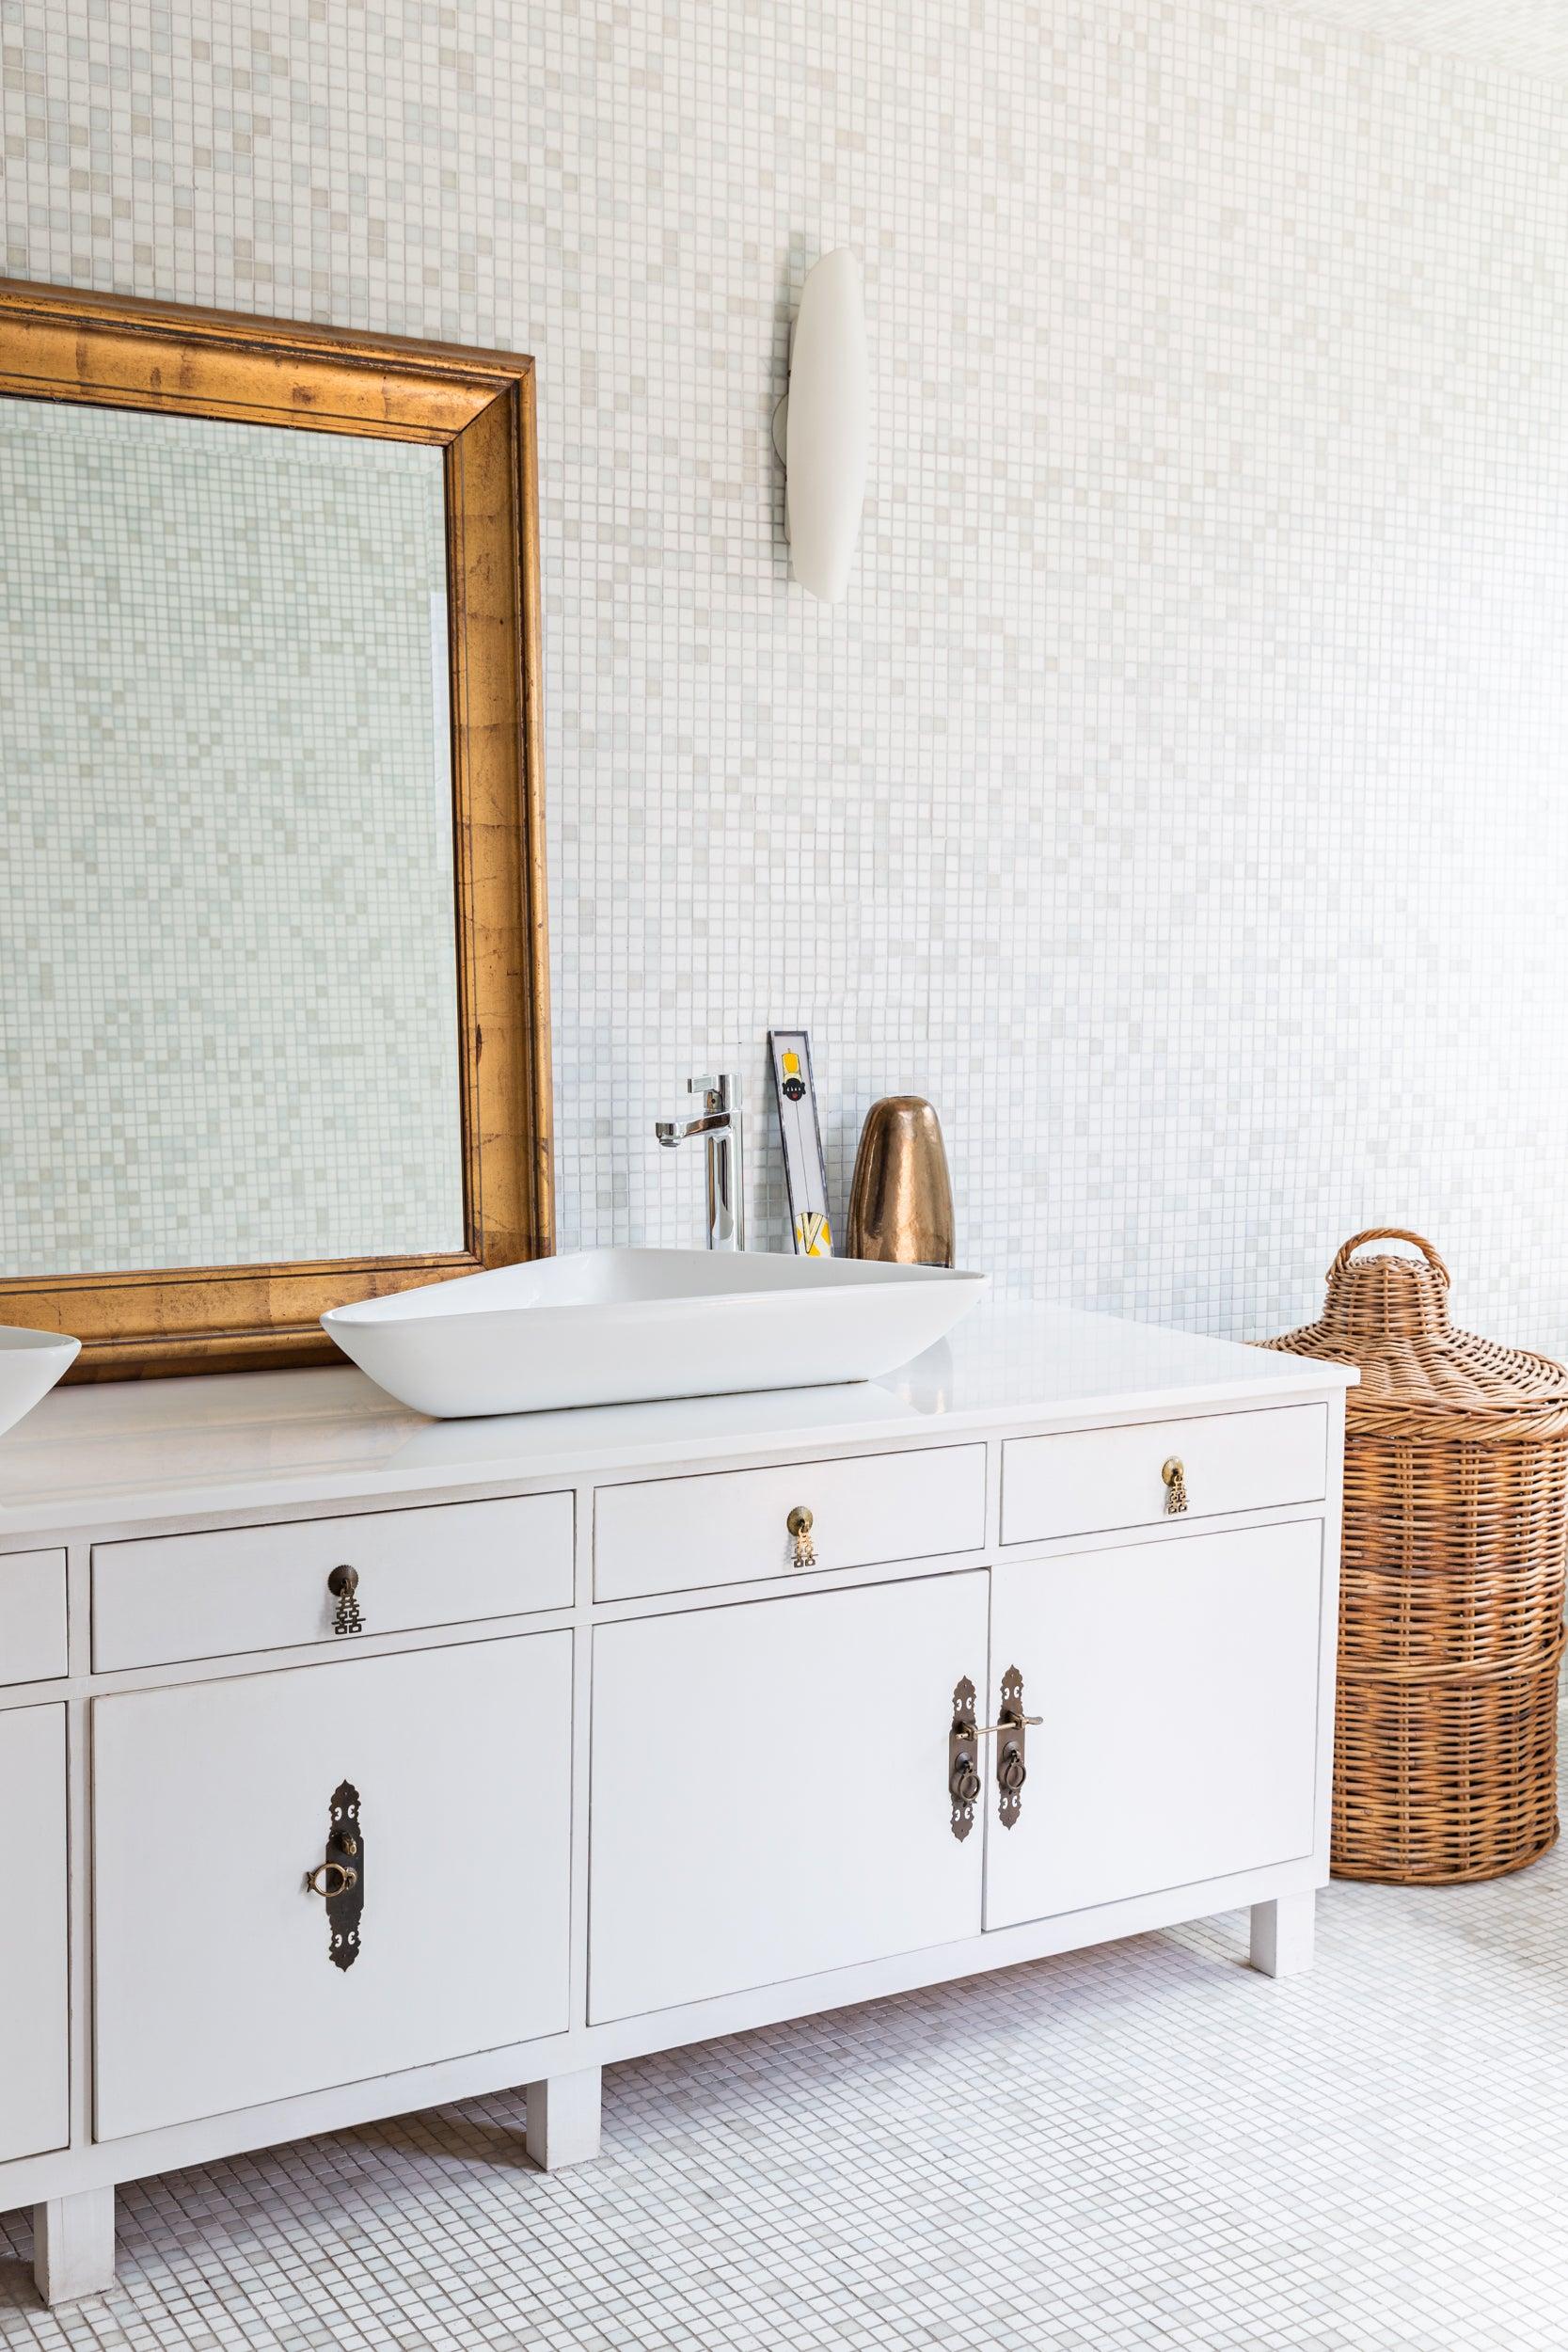 Bathroom_Photo_by_AaronBengochea_012